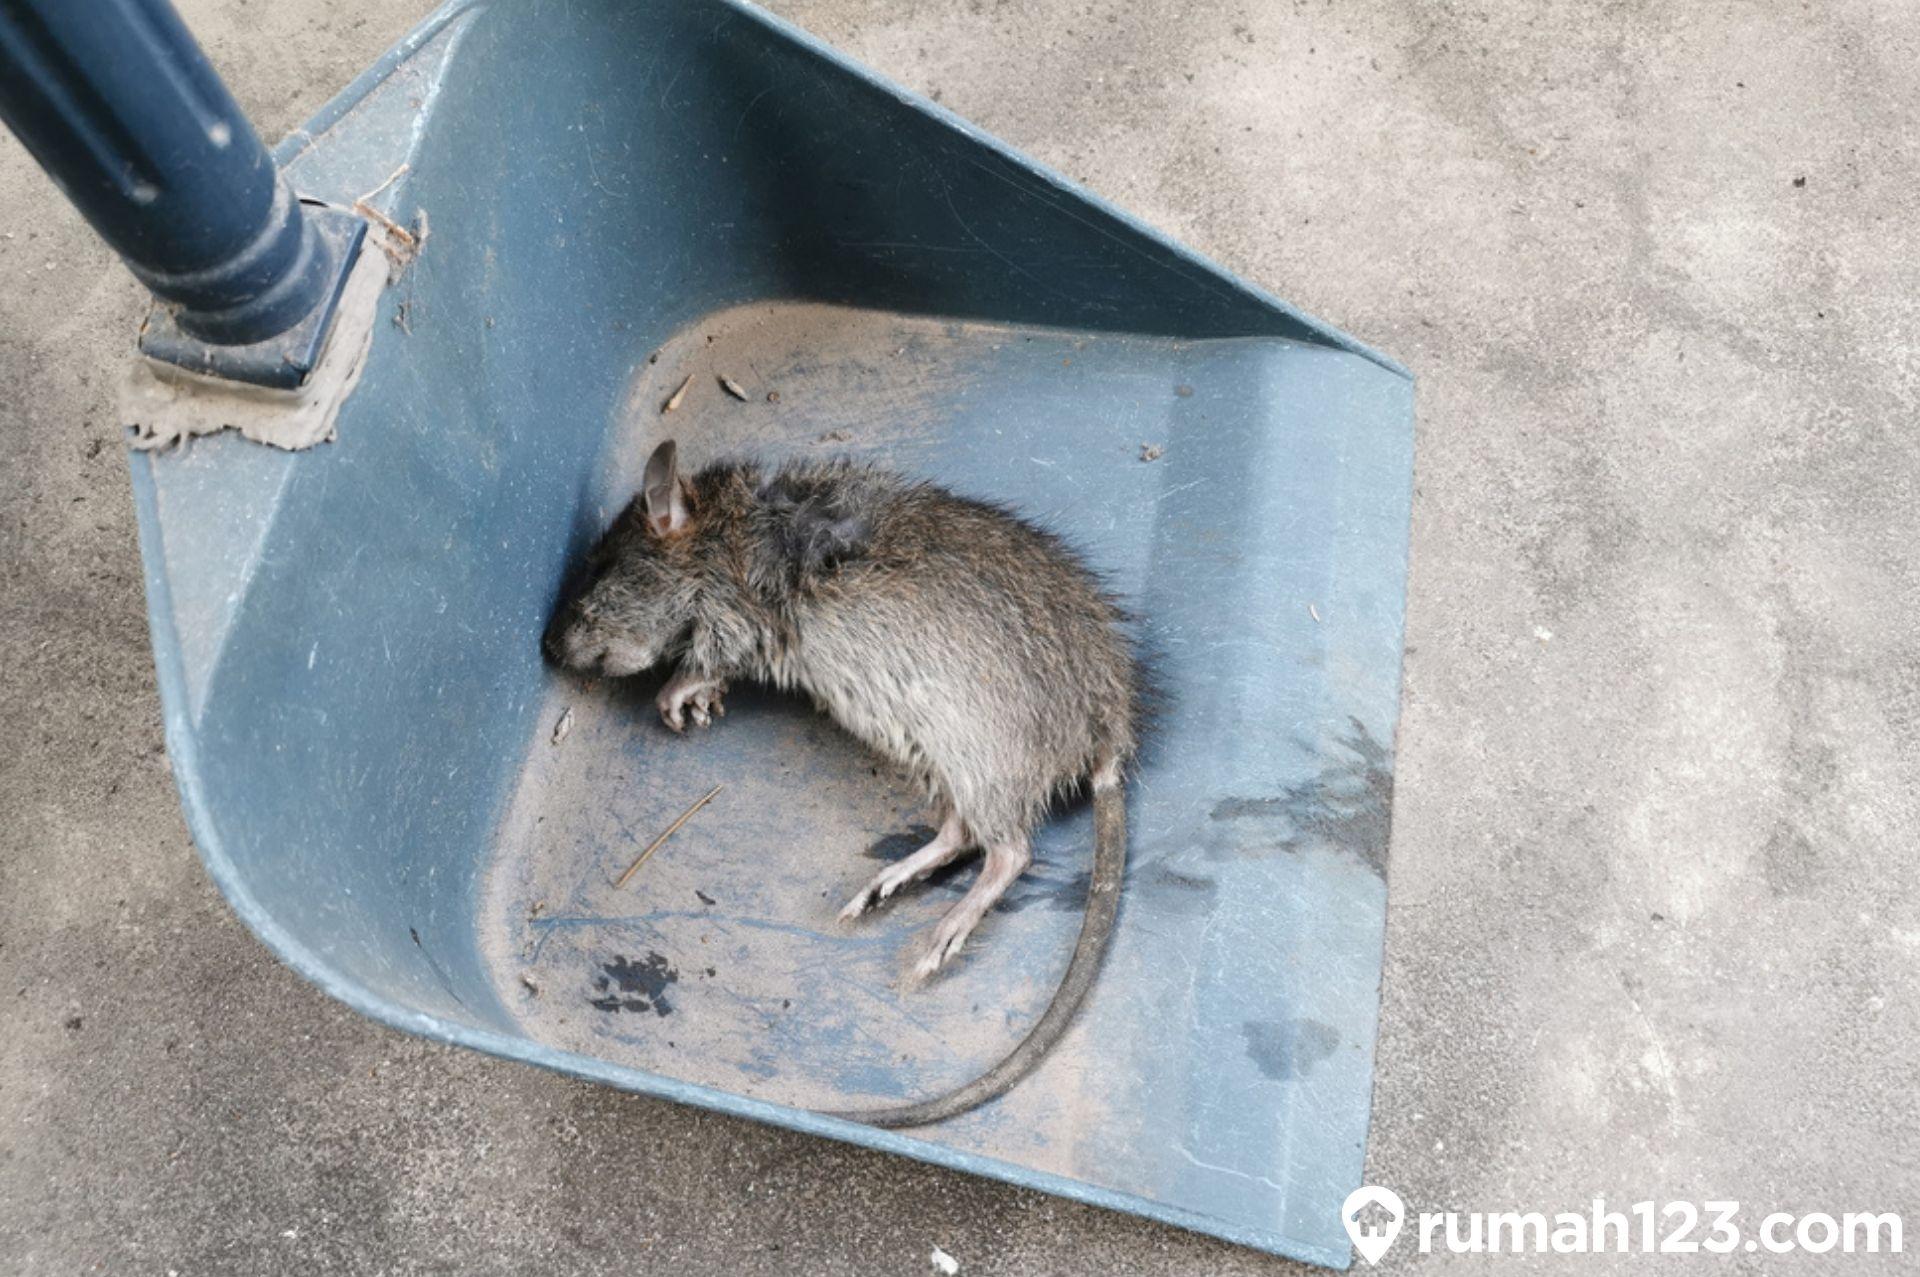 7 Cara Mudah Menghilangkau Bau Bangkai Tikus secara Instan di Rumah